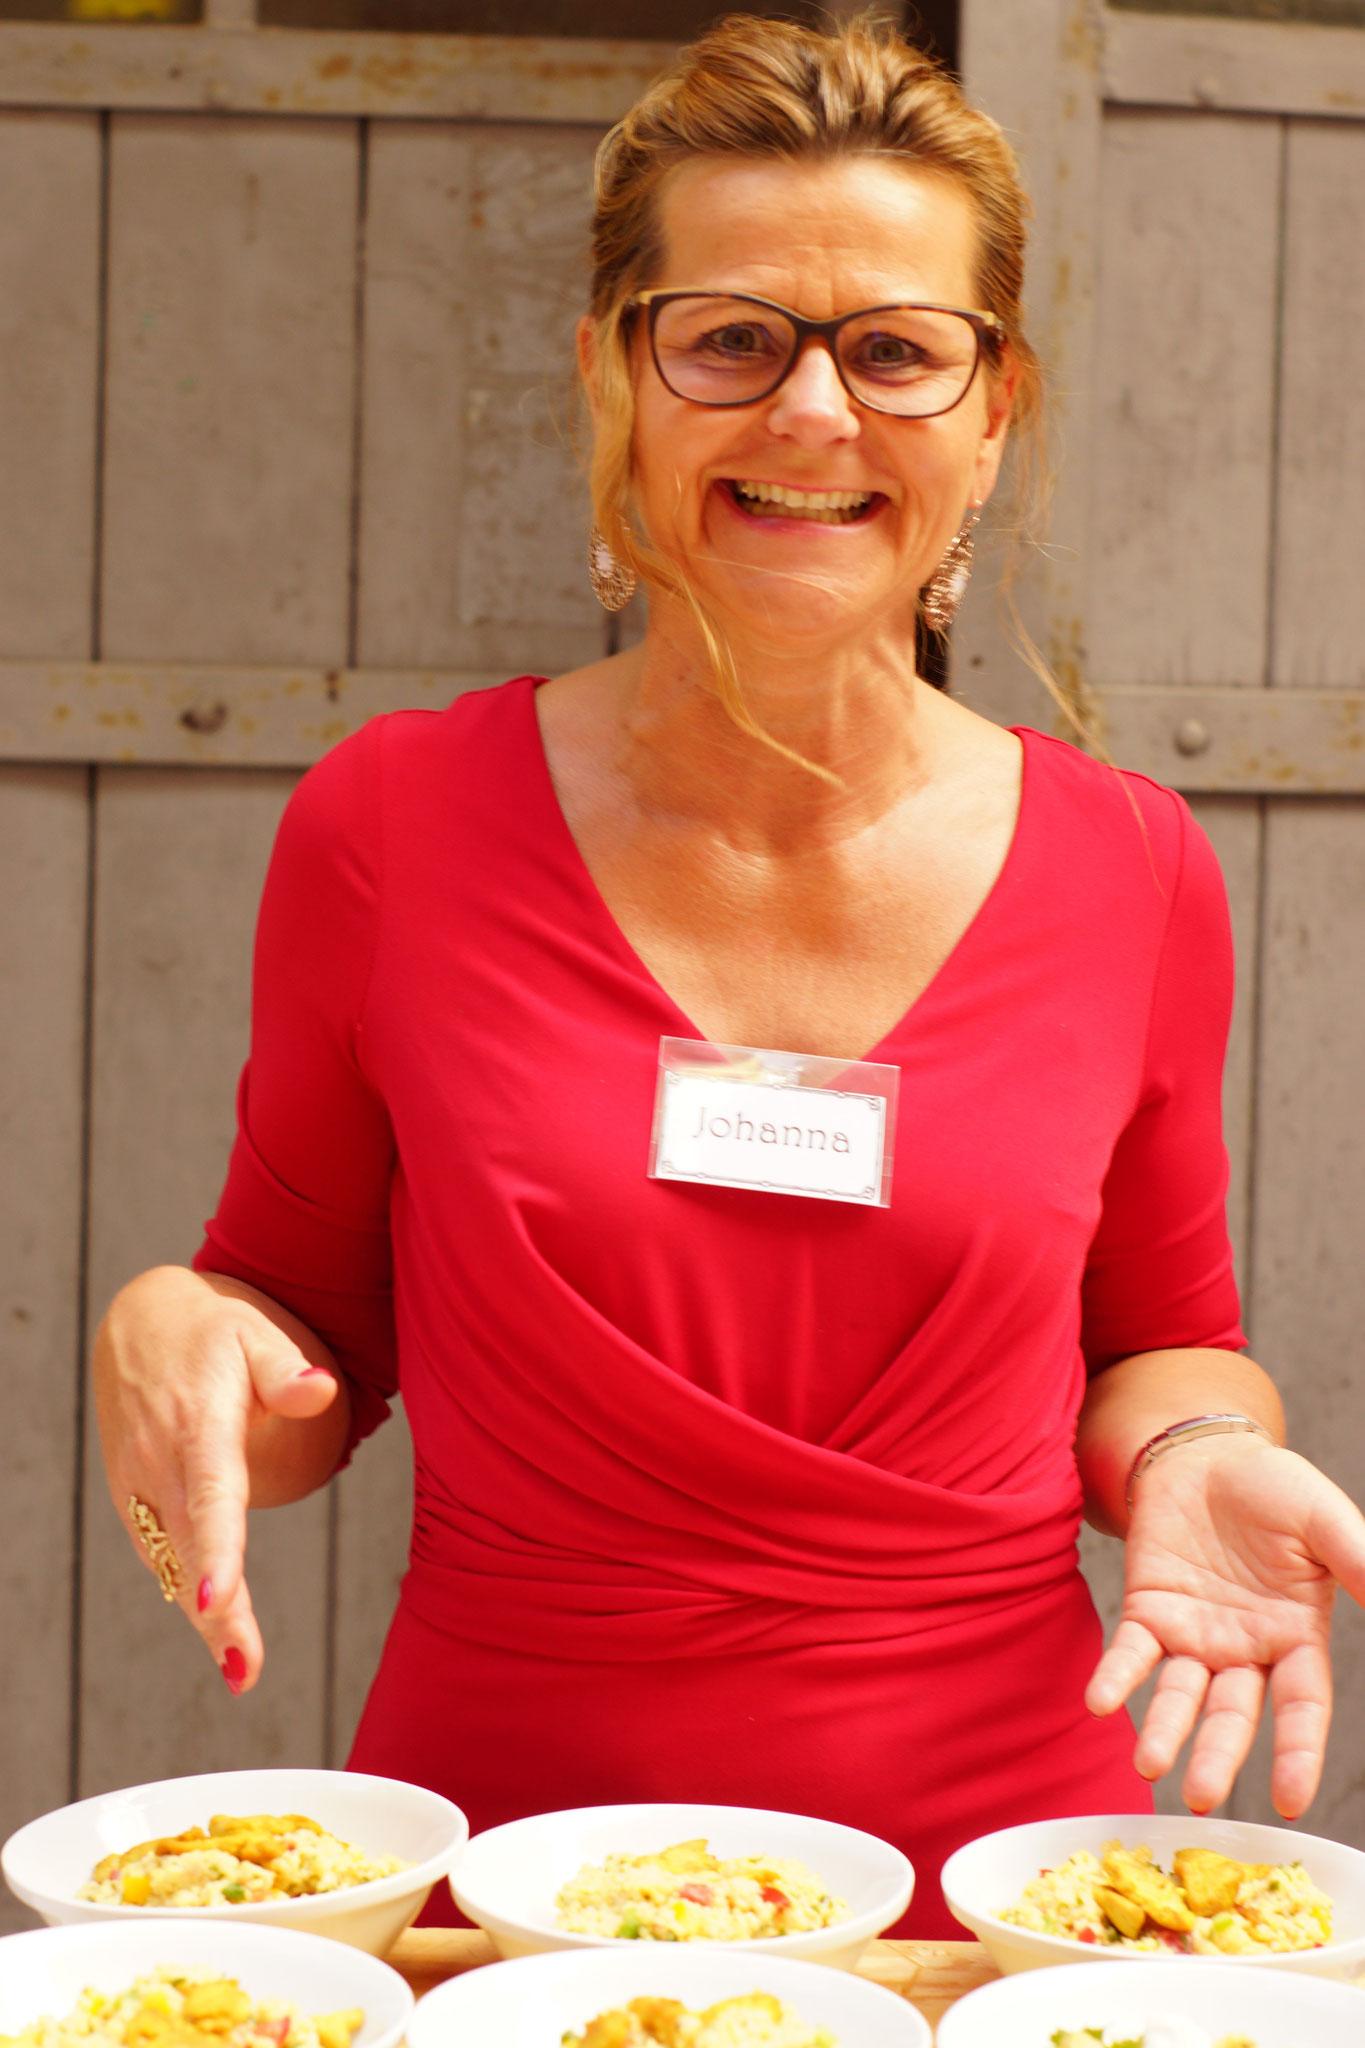 Unsere Ehrenamtlichen Helfer - Vielen Dank an Johanna!